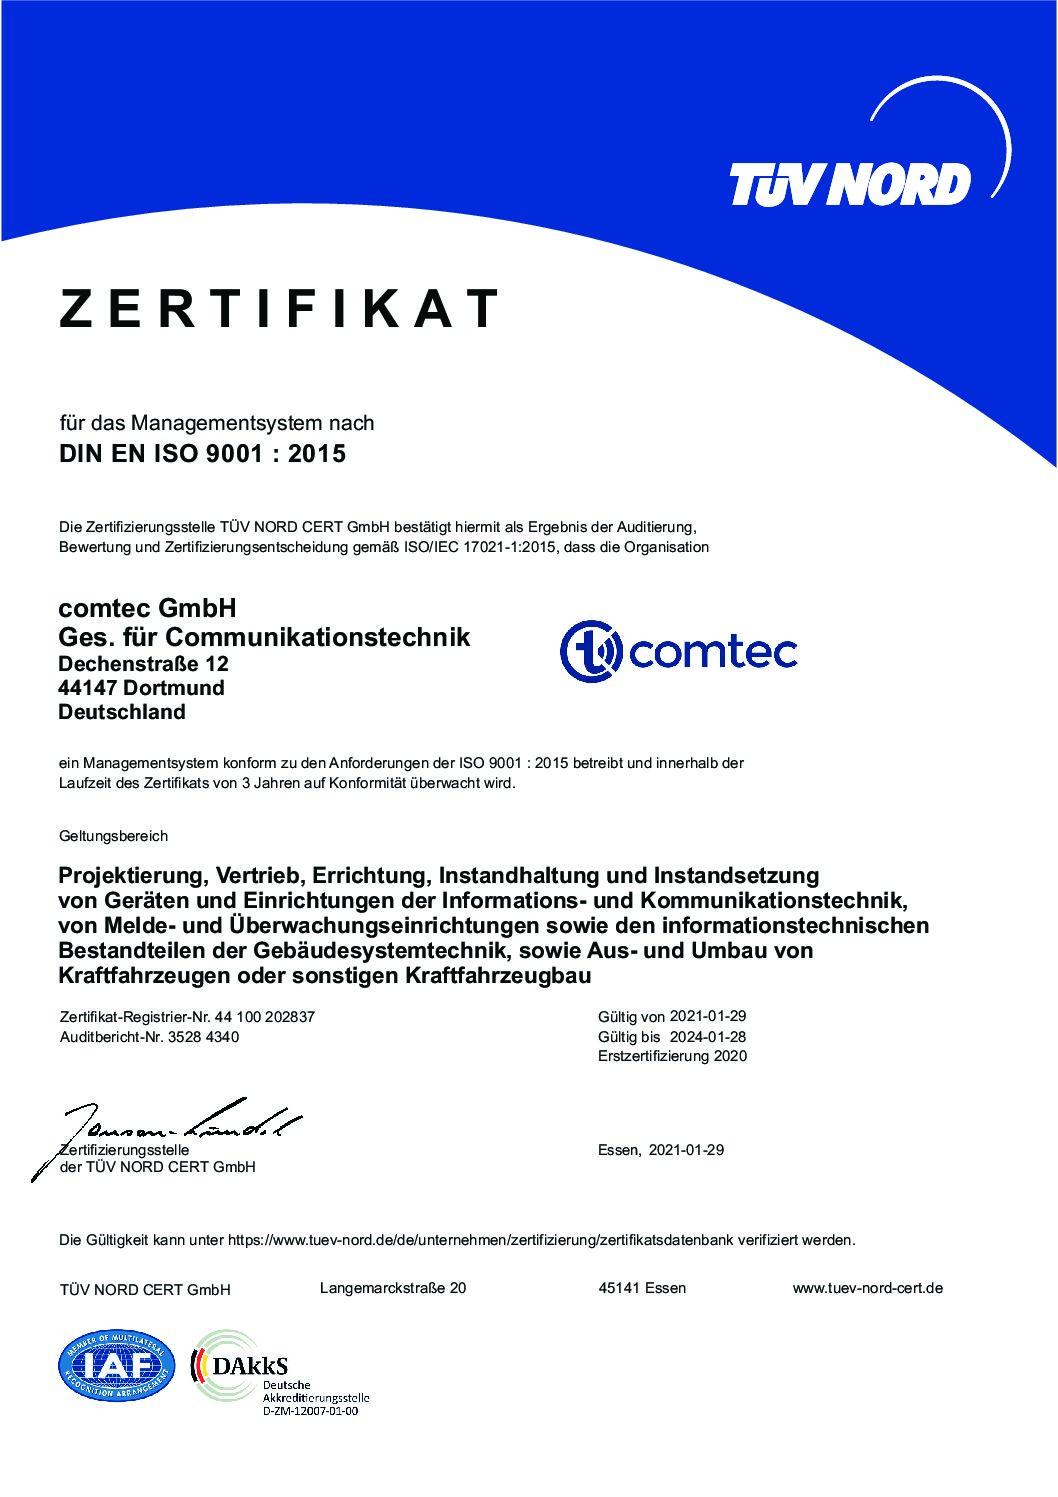 DIN EN ISO 9001 : 2015